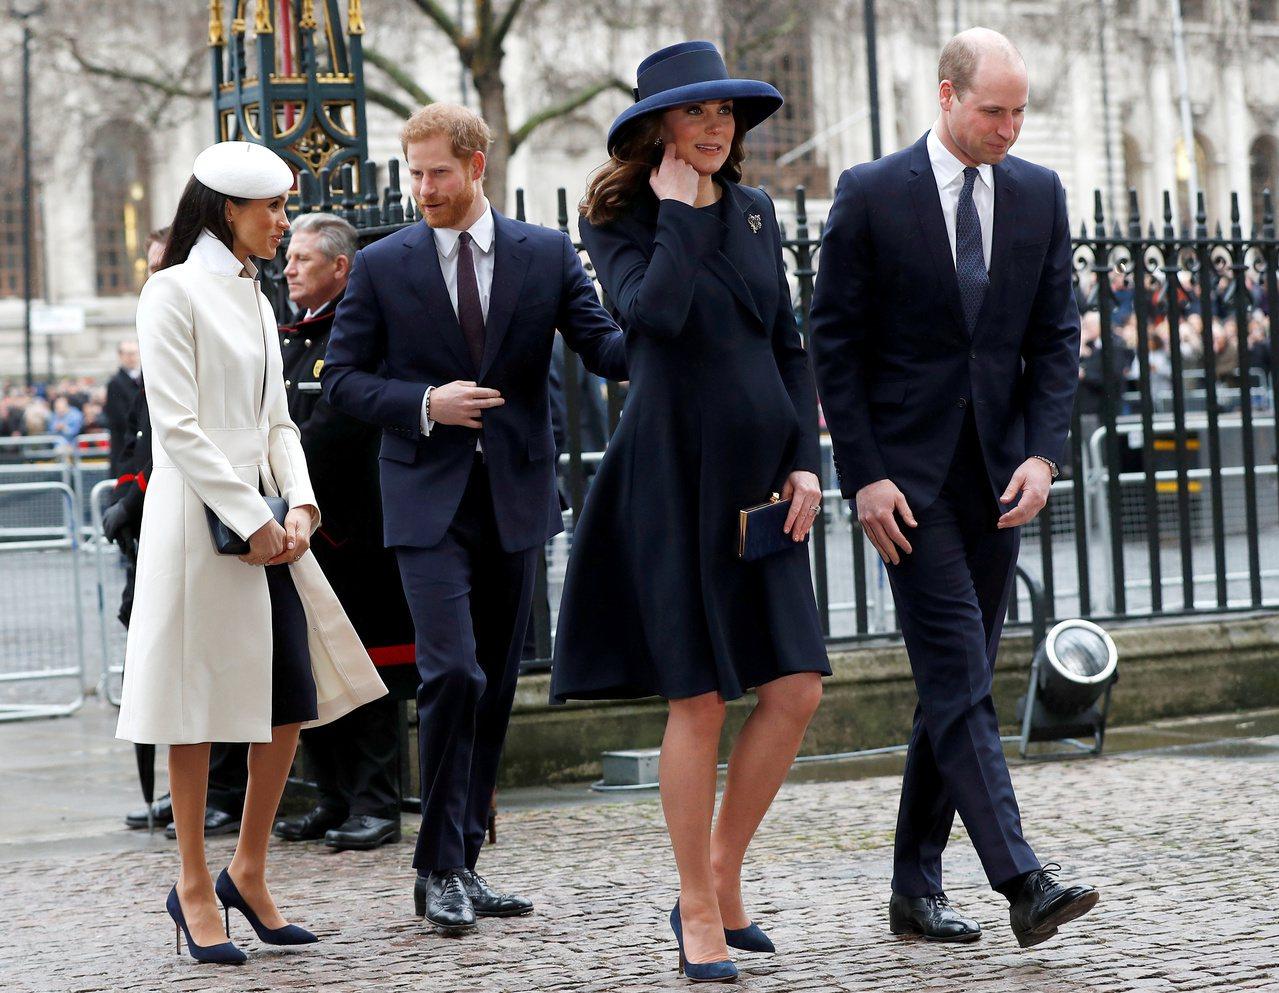 英國的哈利王子(後排右)在20日播出的紀錄片中,首度受訪承認和兄長威廉王子(前排...